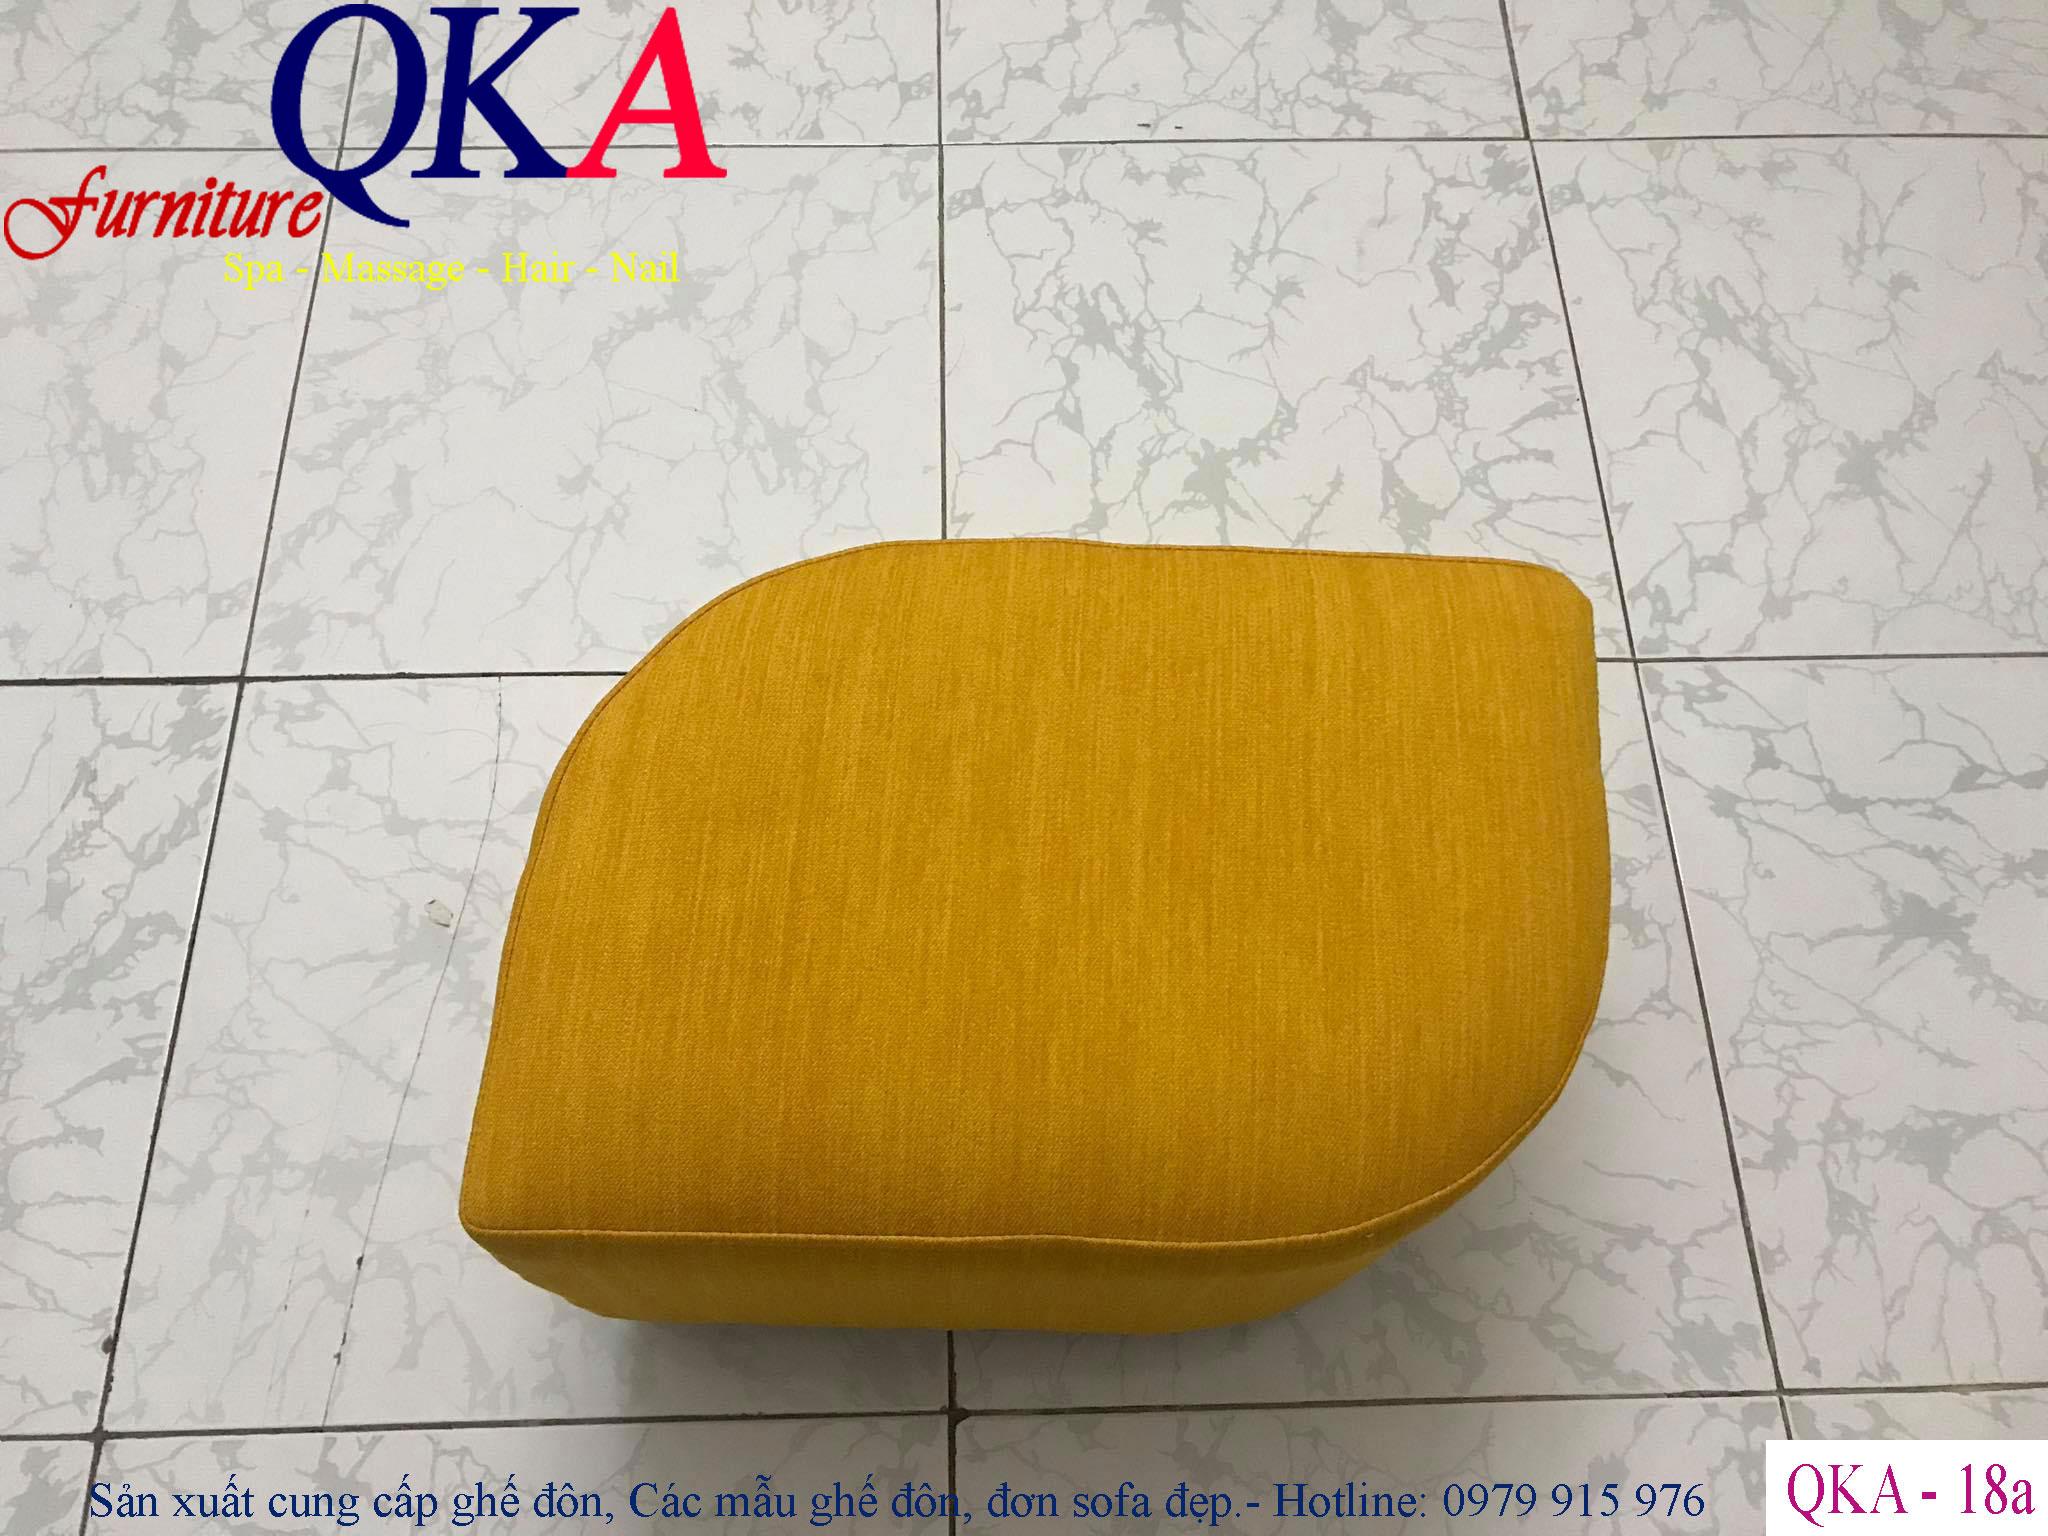 Mẫu ghế đôn – QKA 18a